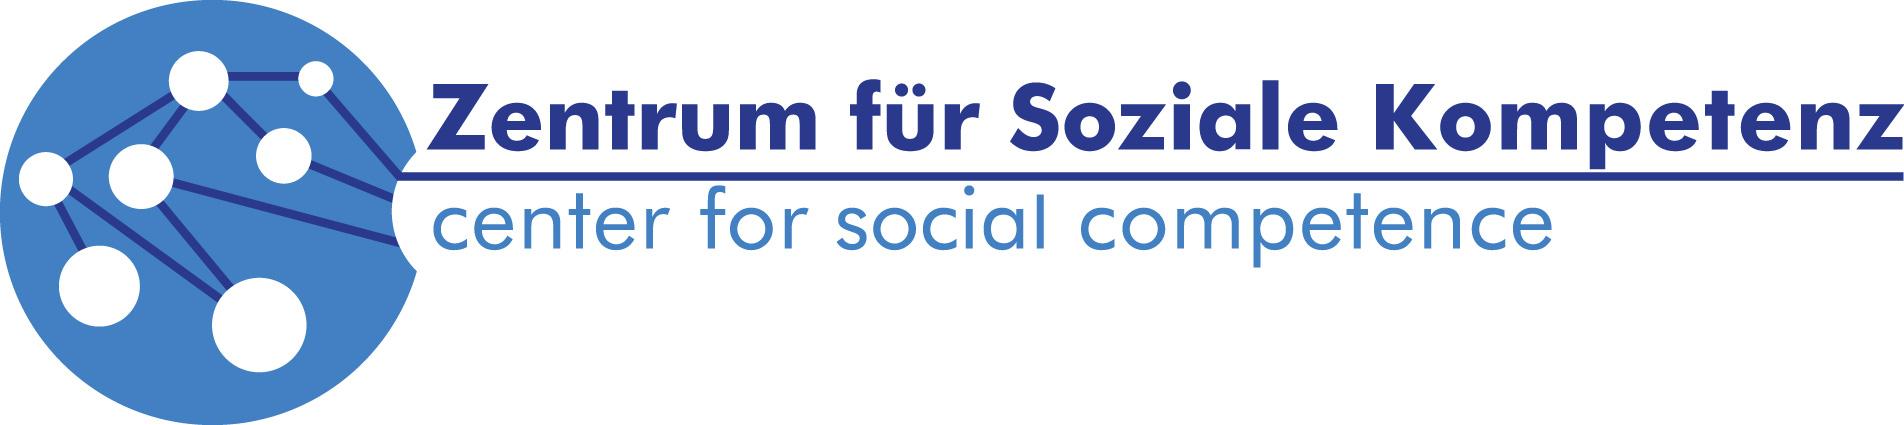 Lehrende Zentrum Für Soziale Kompetenz